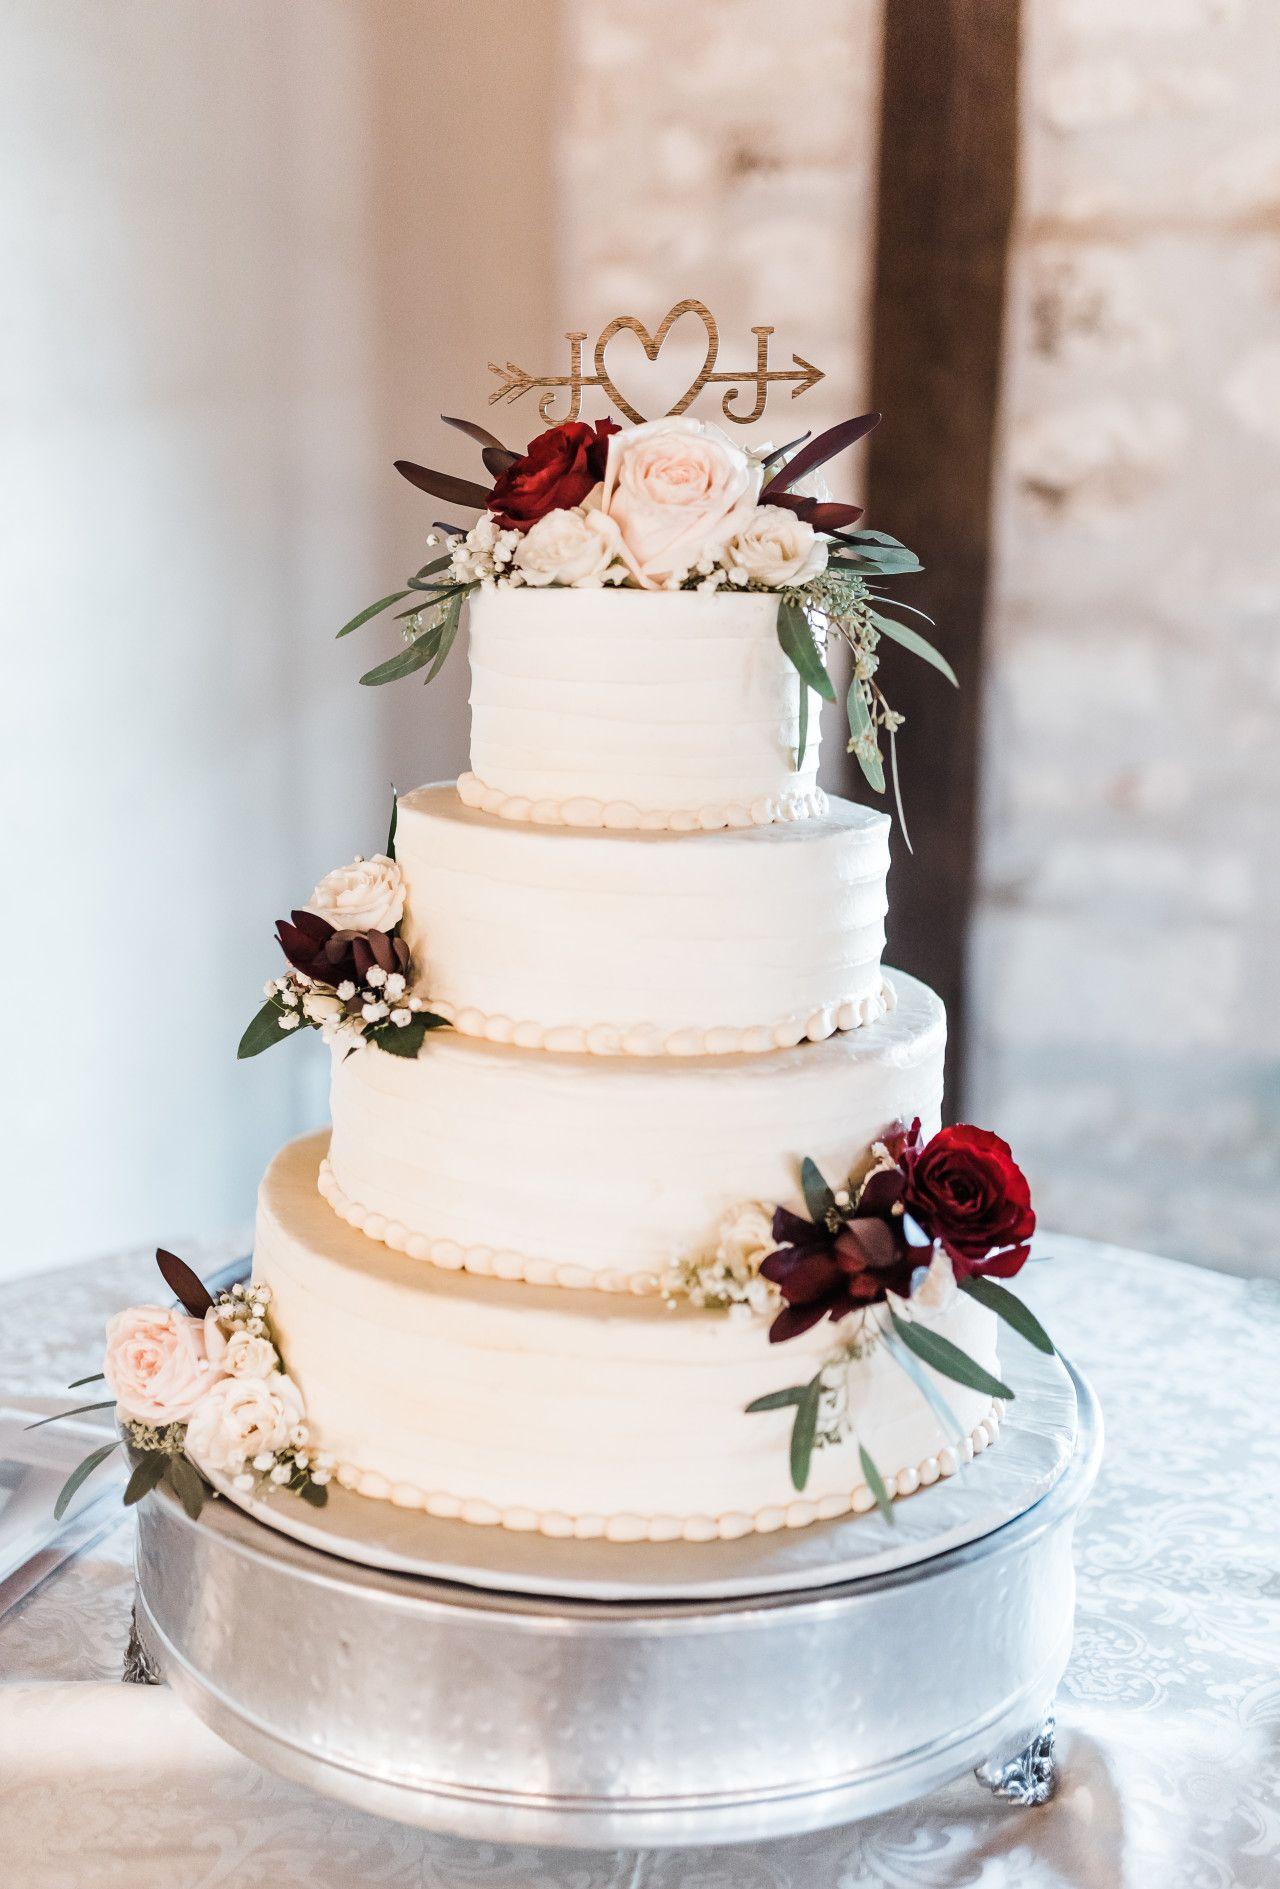 Bohemian Wedding Cake Maroon Blush Pink Wedding Cake 2018 Wedding Cake Trends Maro Wedding Cakes Maroon Burgundy Wedding Cake Blush Pink Wedding Cake